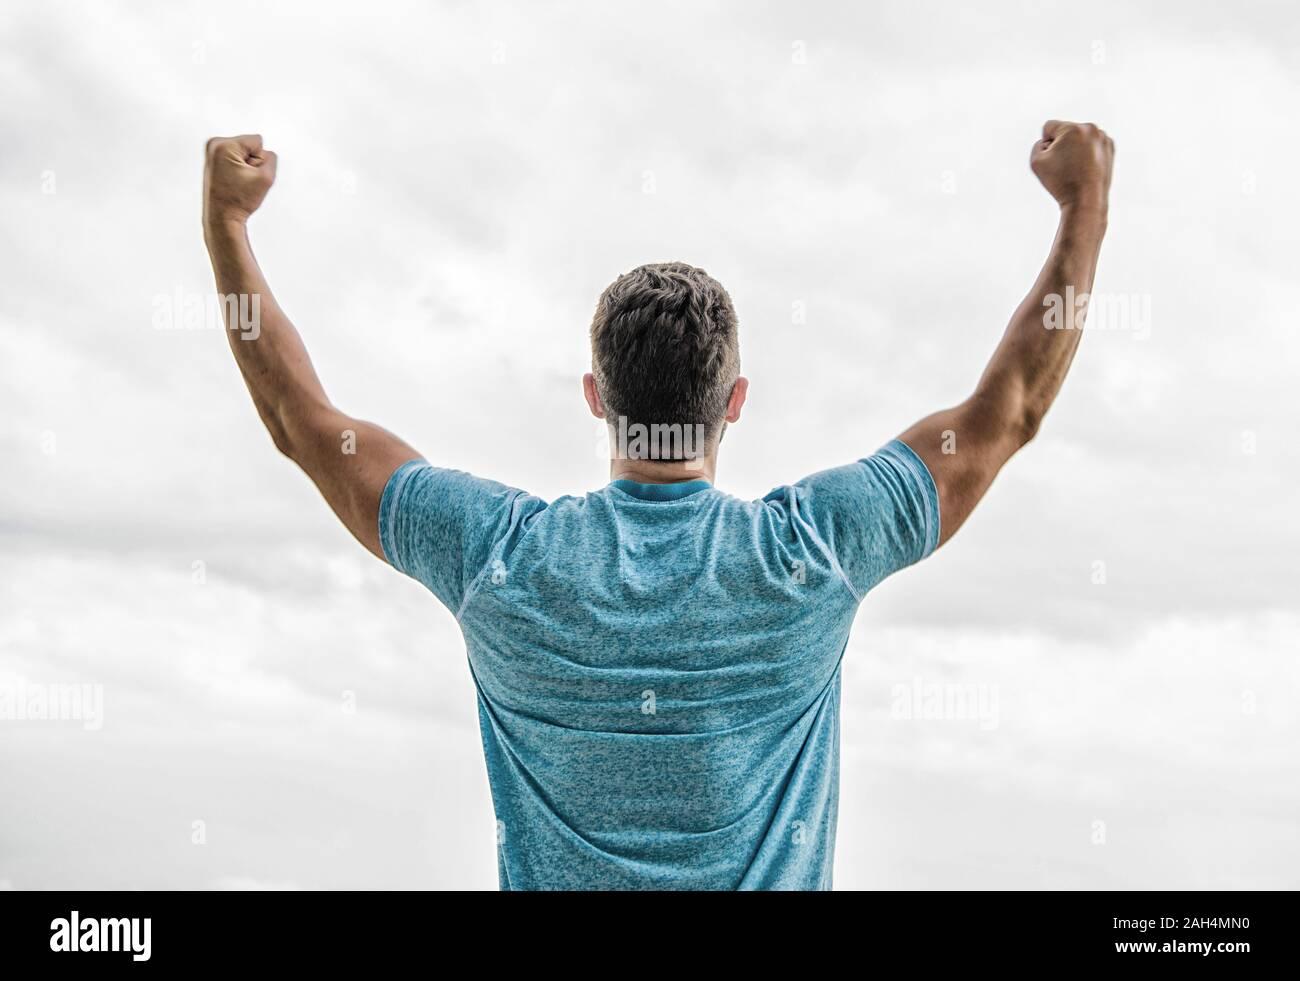 La vittoria e il successo. Vincitore del campione. Opportunità per il futuro. La leadership e la concorrenza. Future Concept. Guardando in avanti nel futuro. Muscolare forte la sensazione del corpo potente vista posteriore. Atleta di successo. Foto Stock